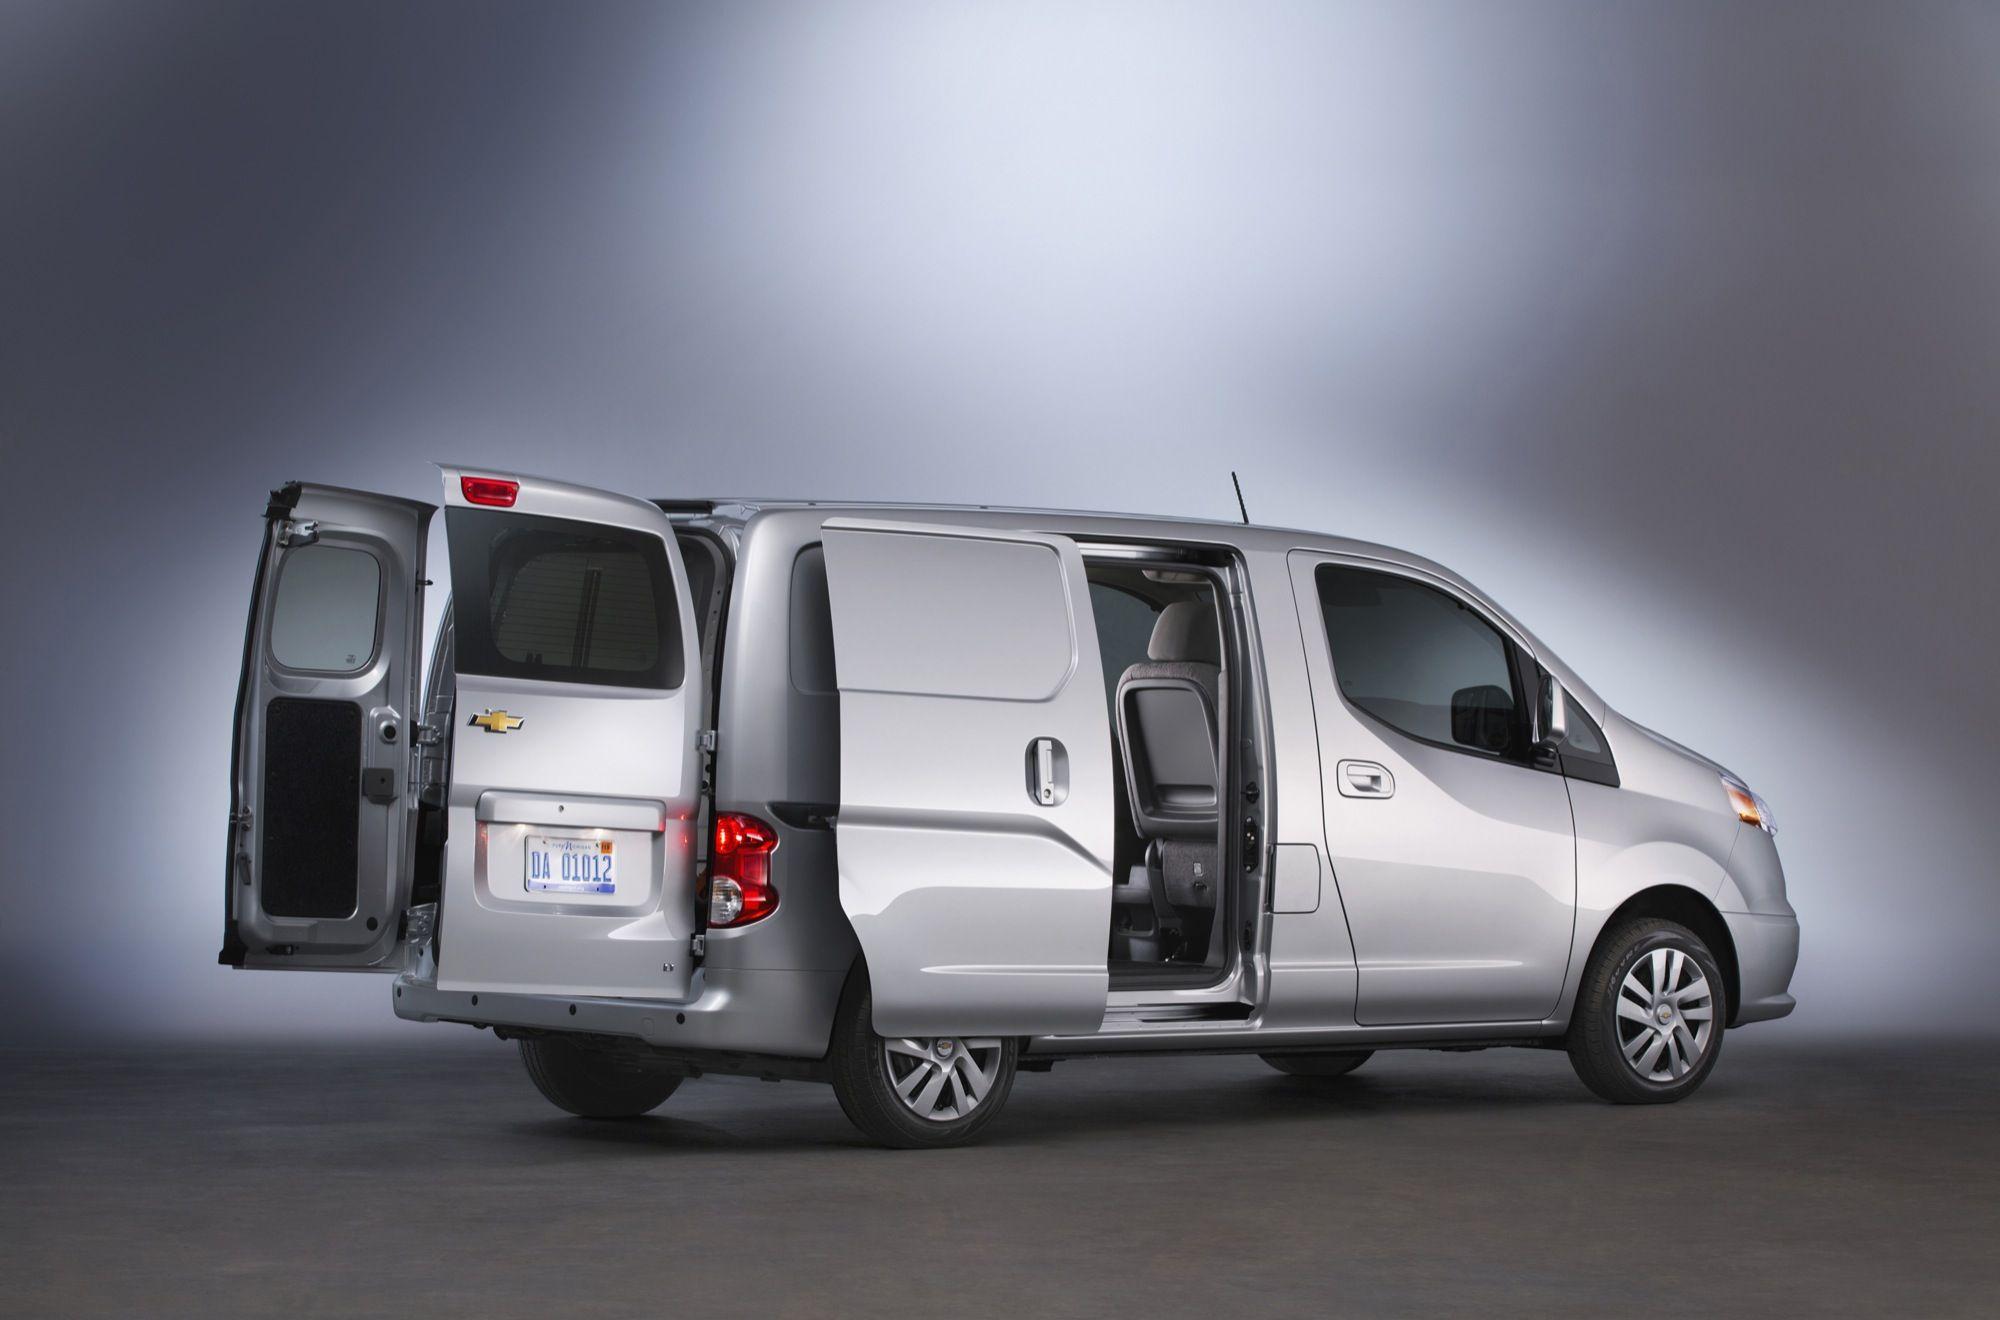 1000 ide tentang chevrolet minivan di pinterest peugeot bmw i3 dan mobil konsep